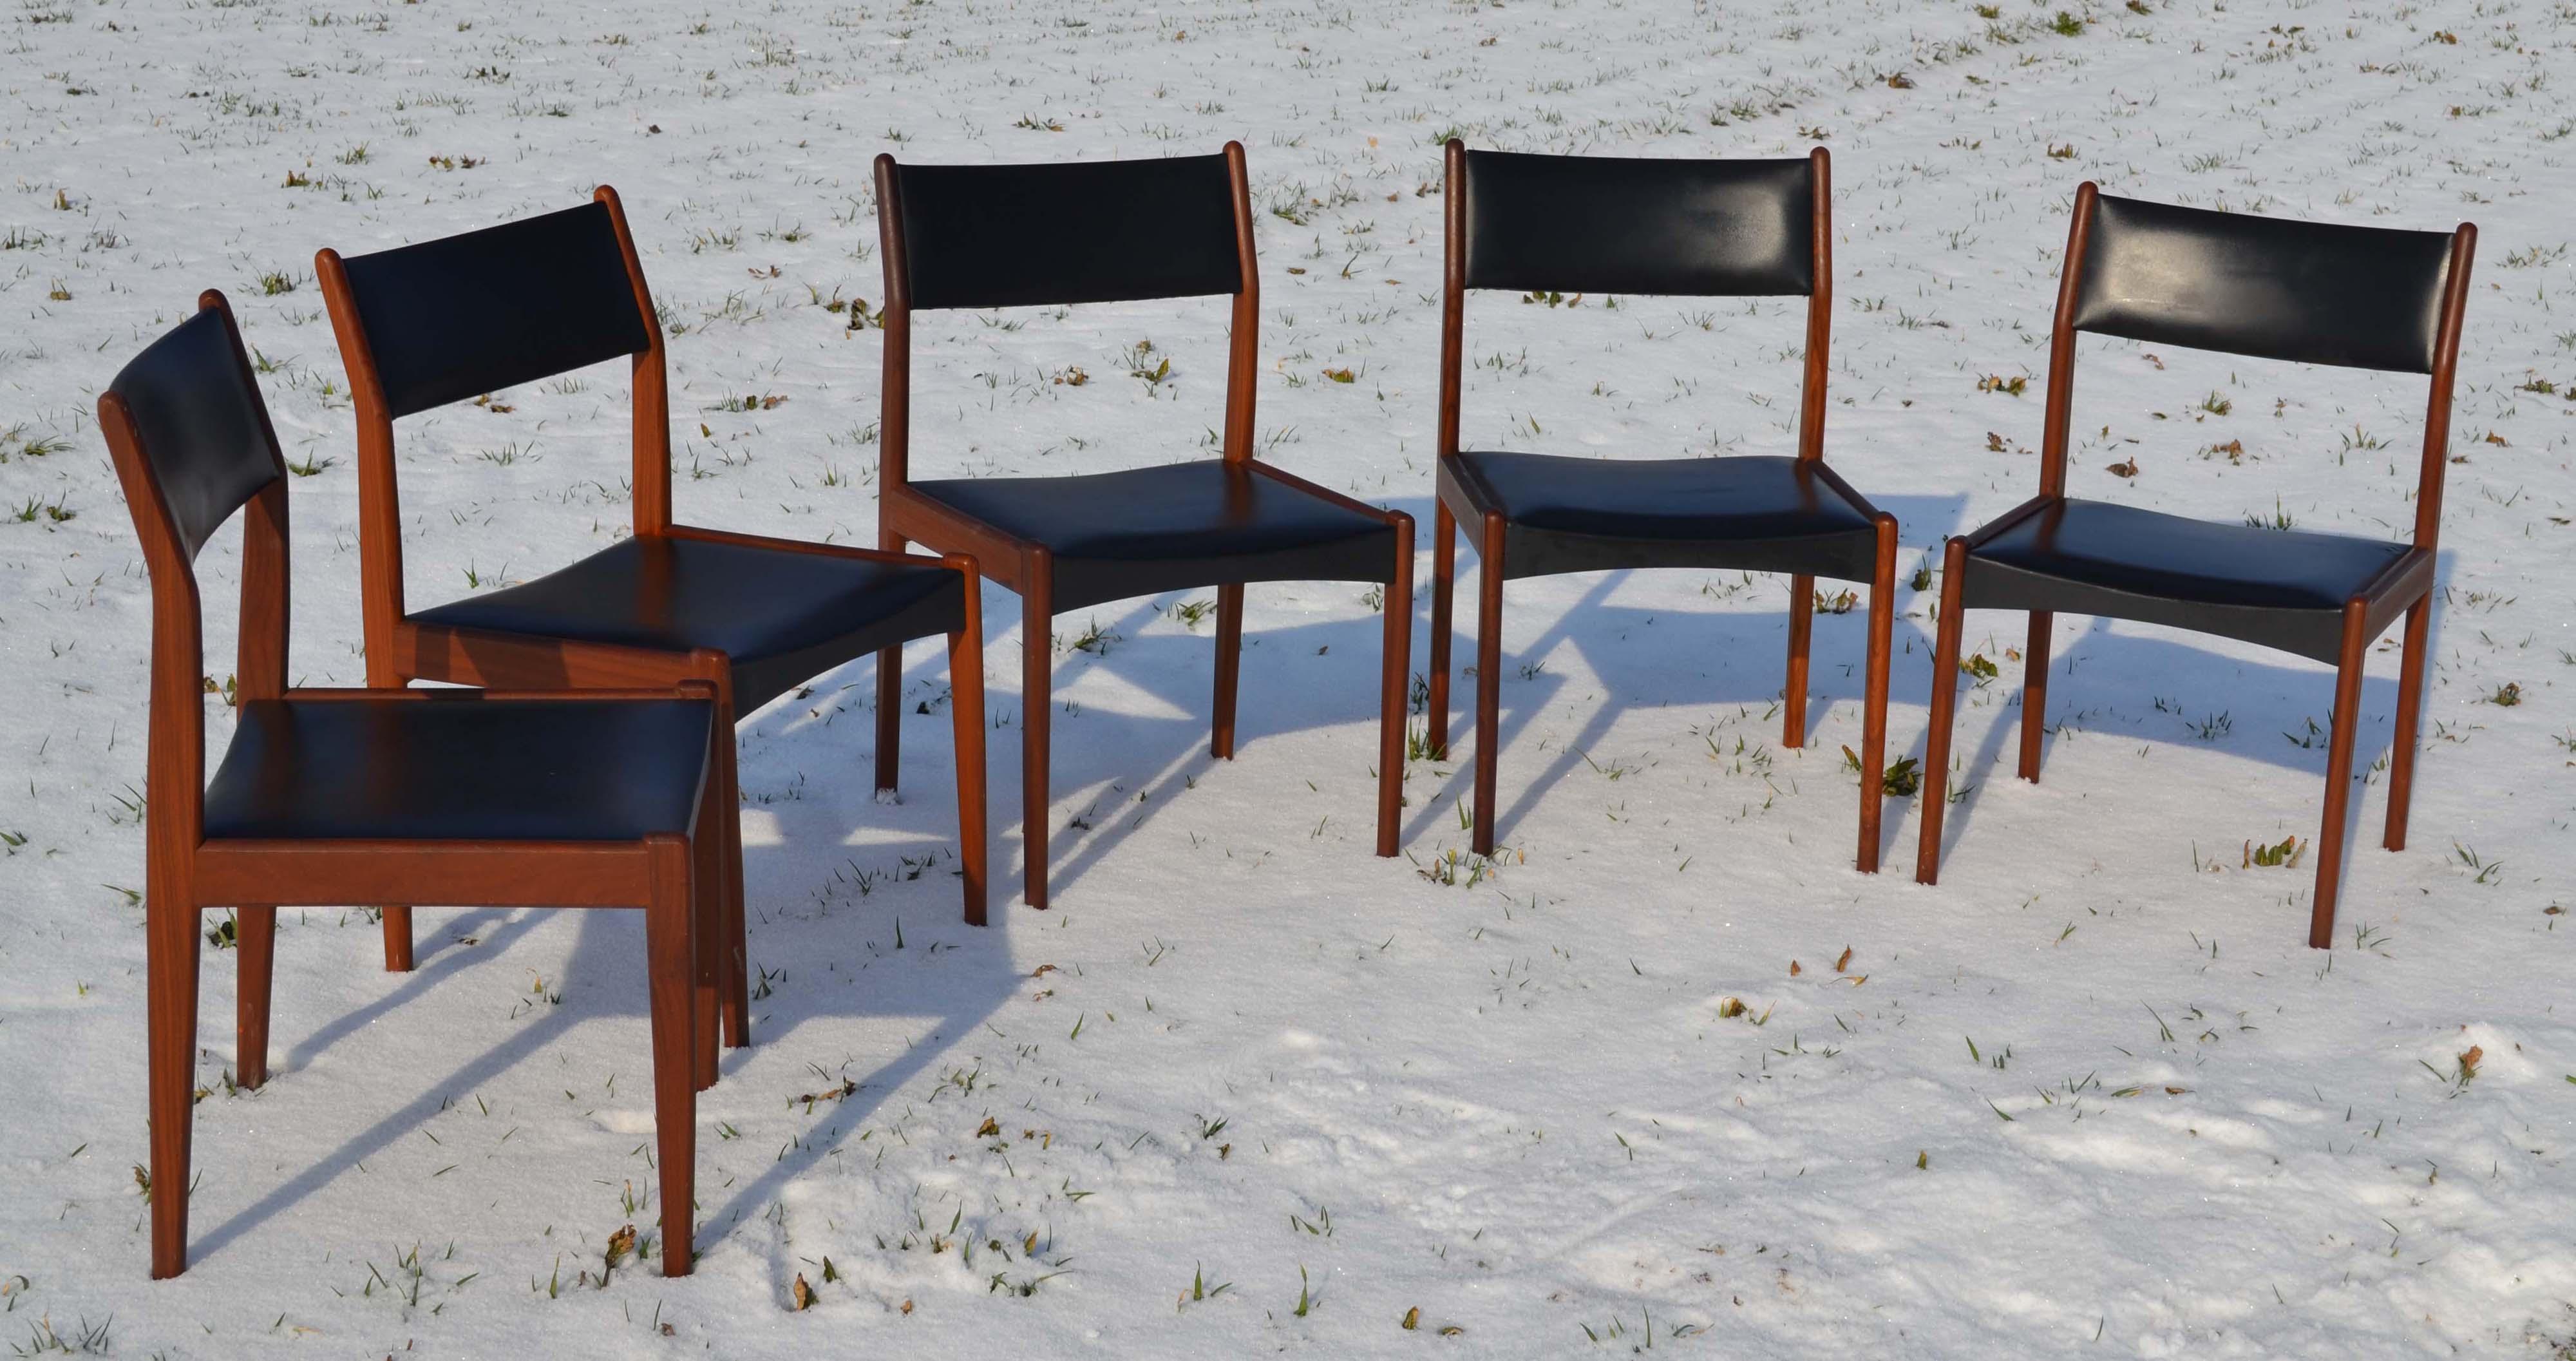 Mobilier design vintage scandinave chaises et meubles en - Renover une chaise en bois ...